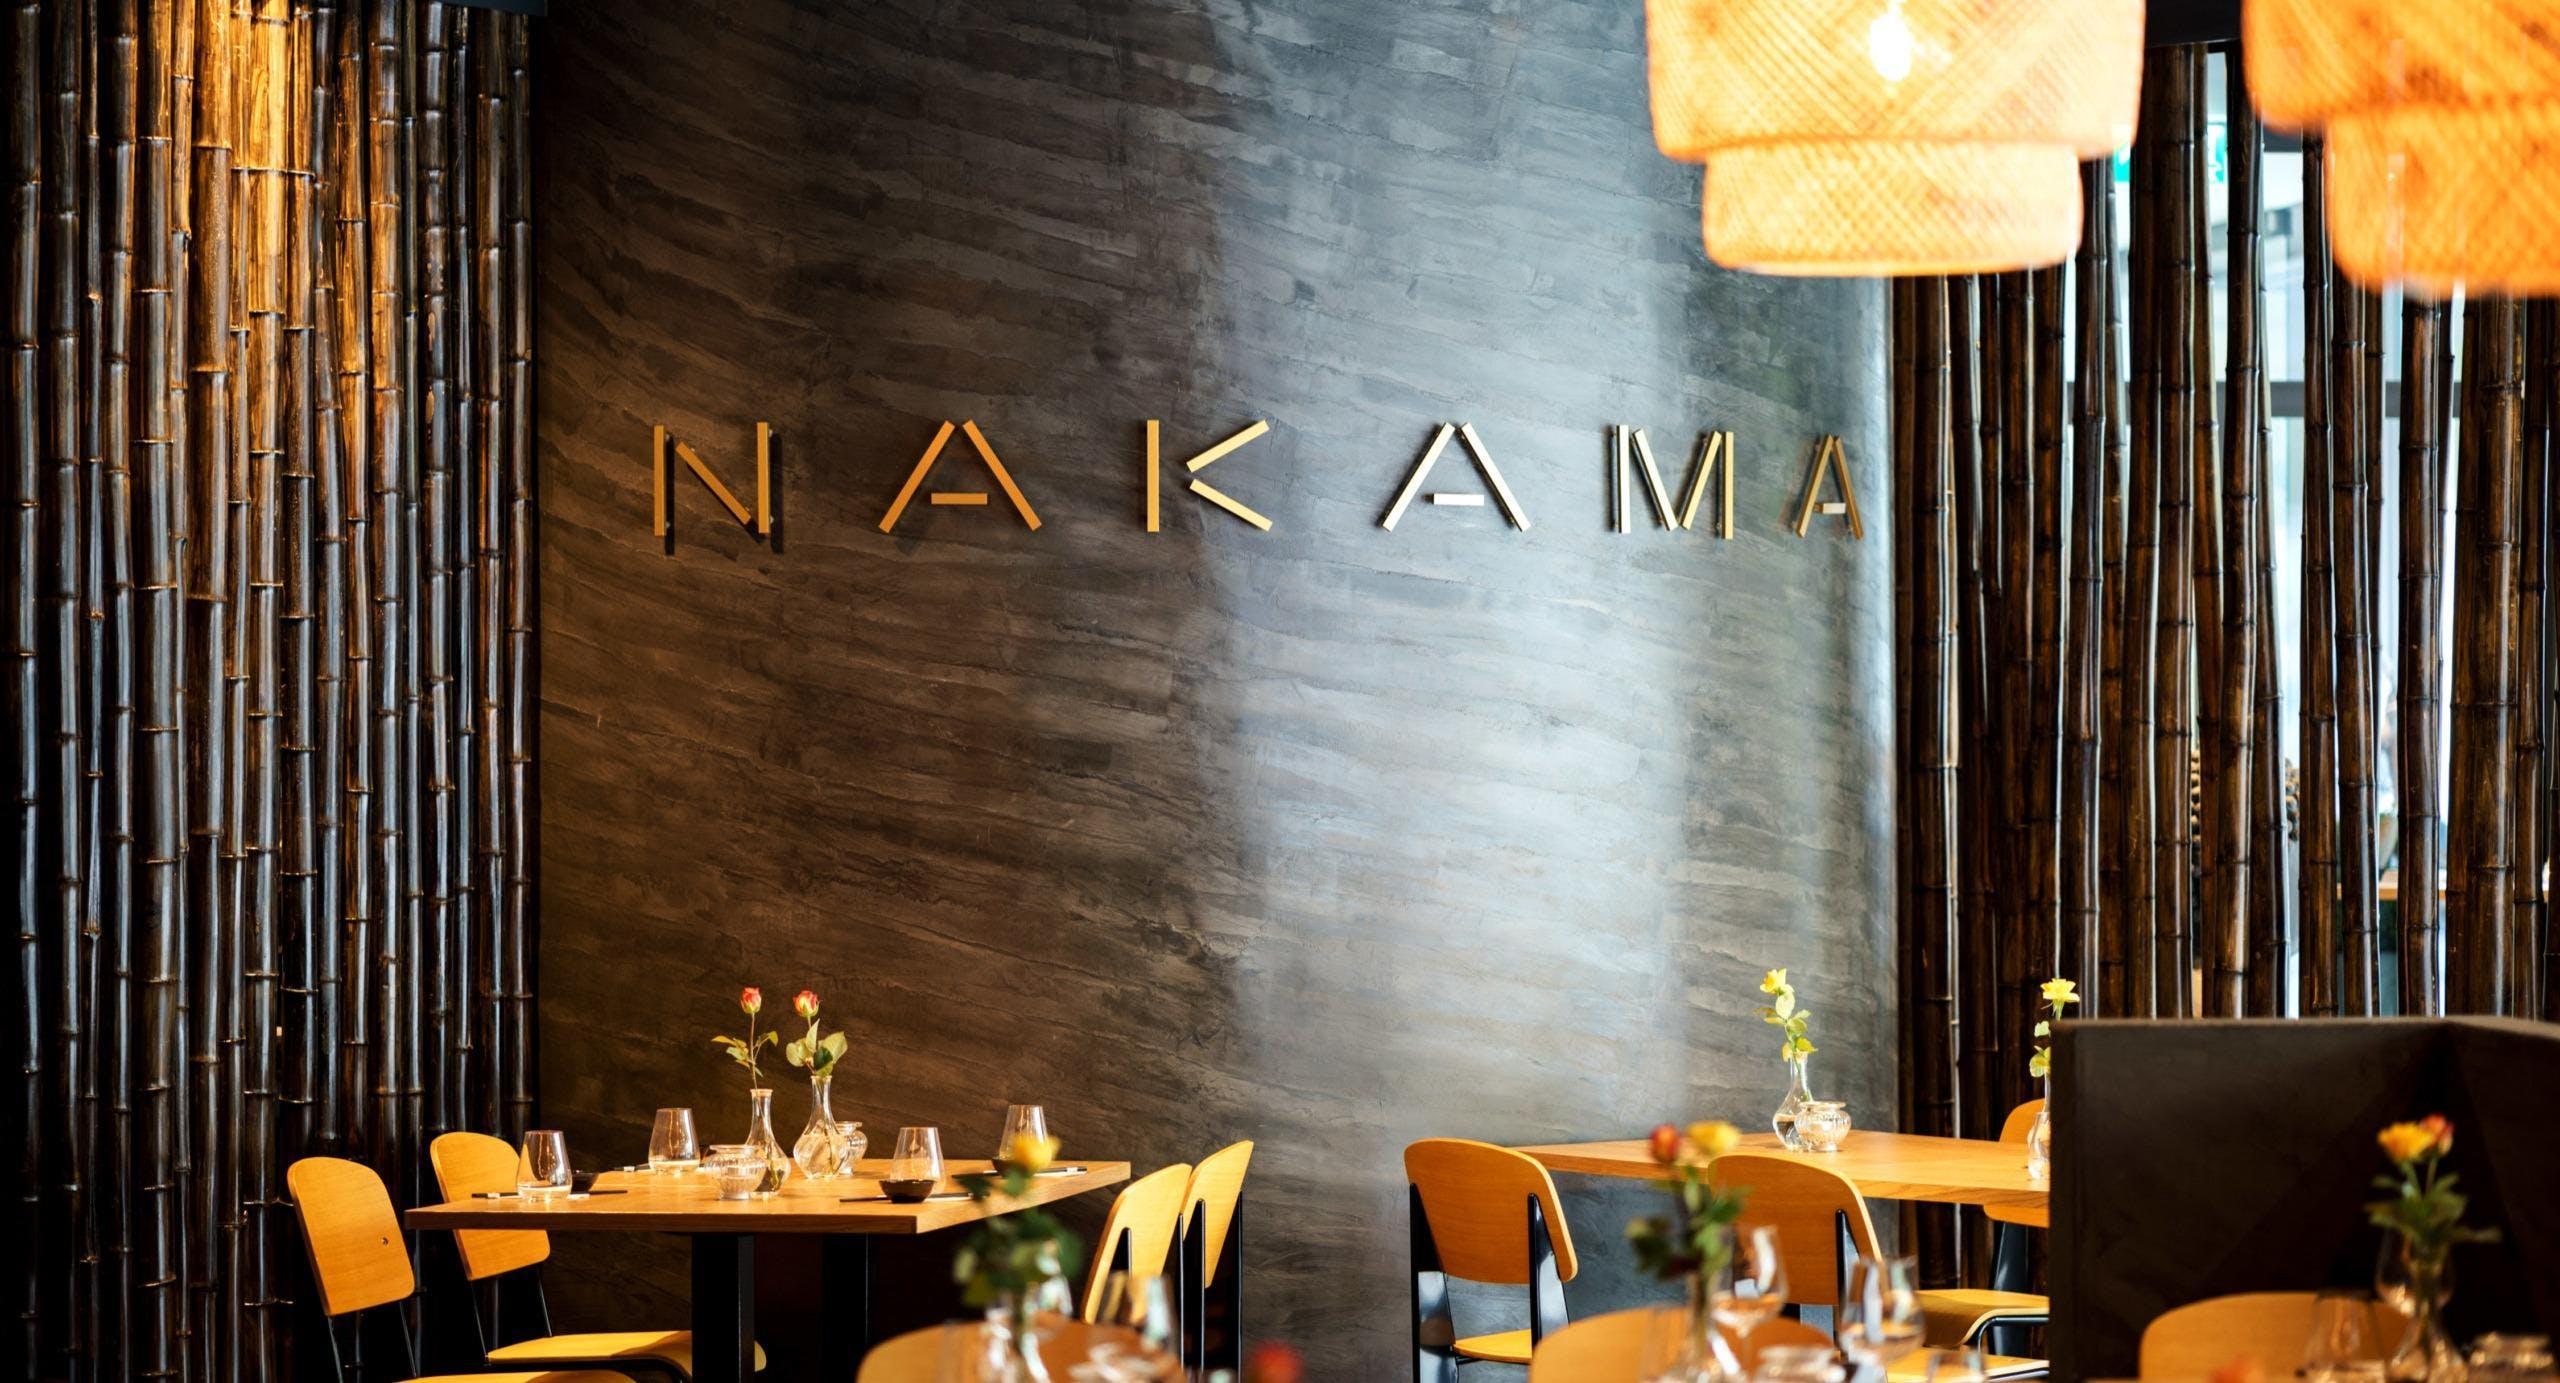 Nakama Hampuri image 2